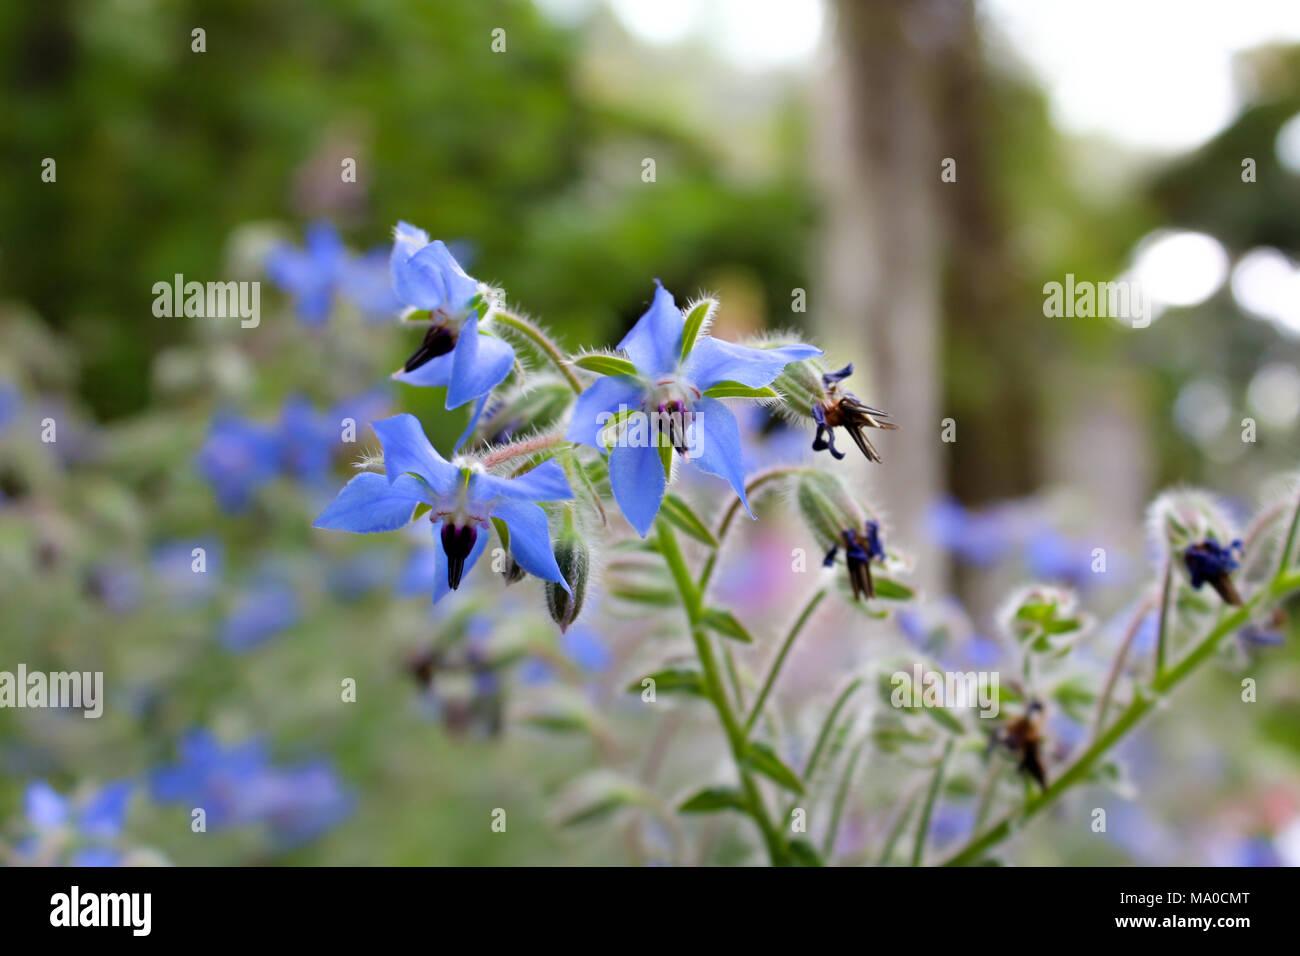 Violette Blumen, blau violett Blumen im Garten Stockfoto, Bild ...